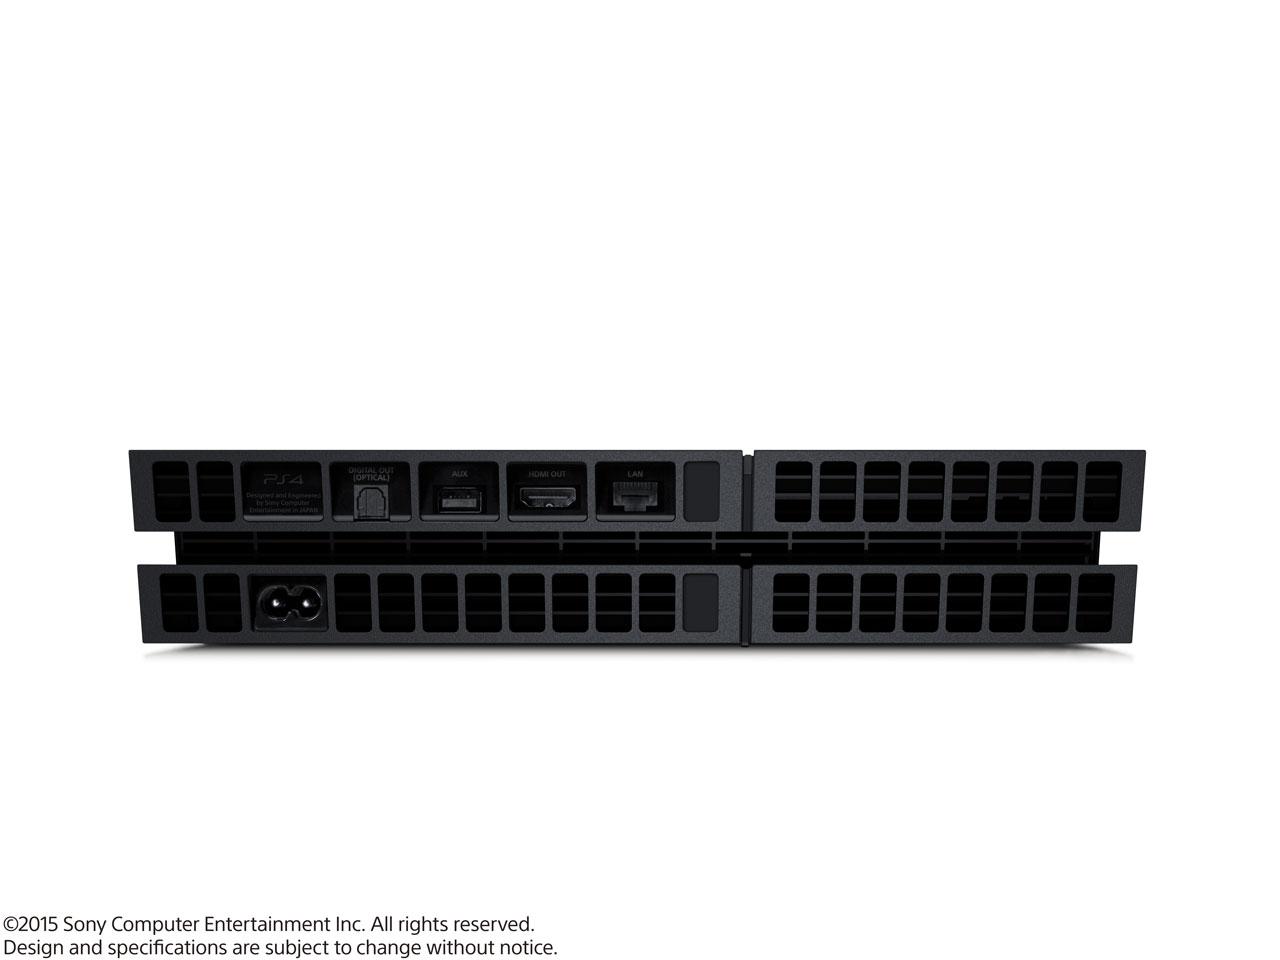 『本体 横置き 背面』 プレイステーション4 HDD 500GB ジェット・ブラック CUH-1200AB01 の製品画像